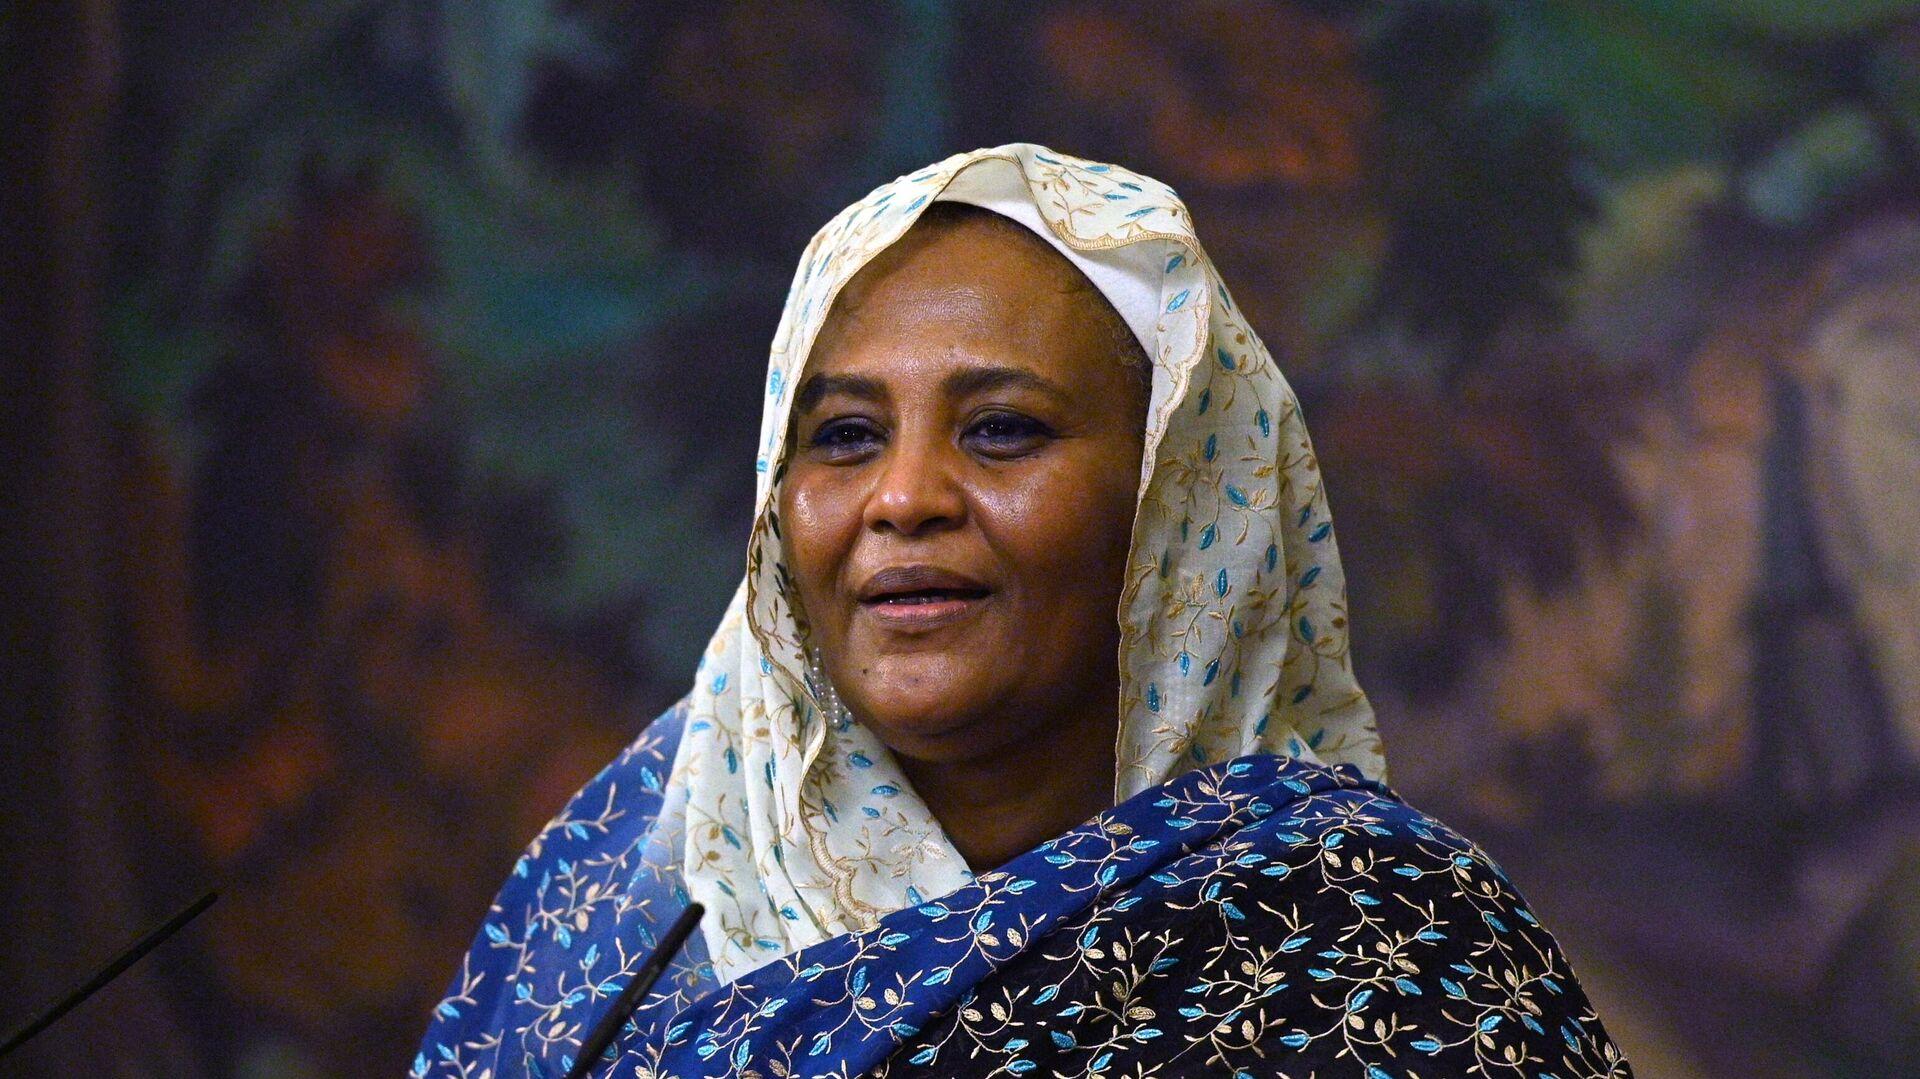 Mariam al-Mahdi, ministra degli Esteri del Sudan - Sputnik Italia, 1920, 26.07.2021